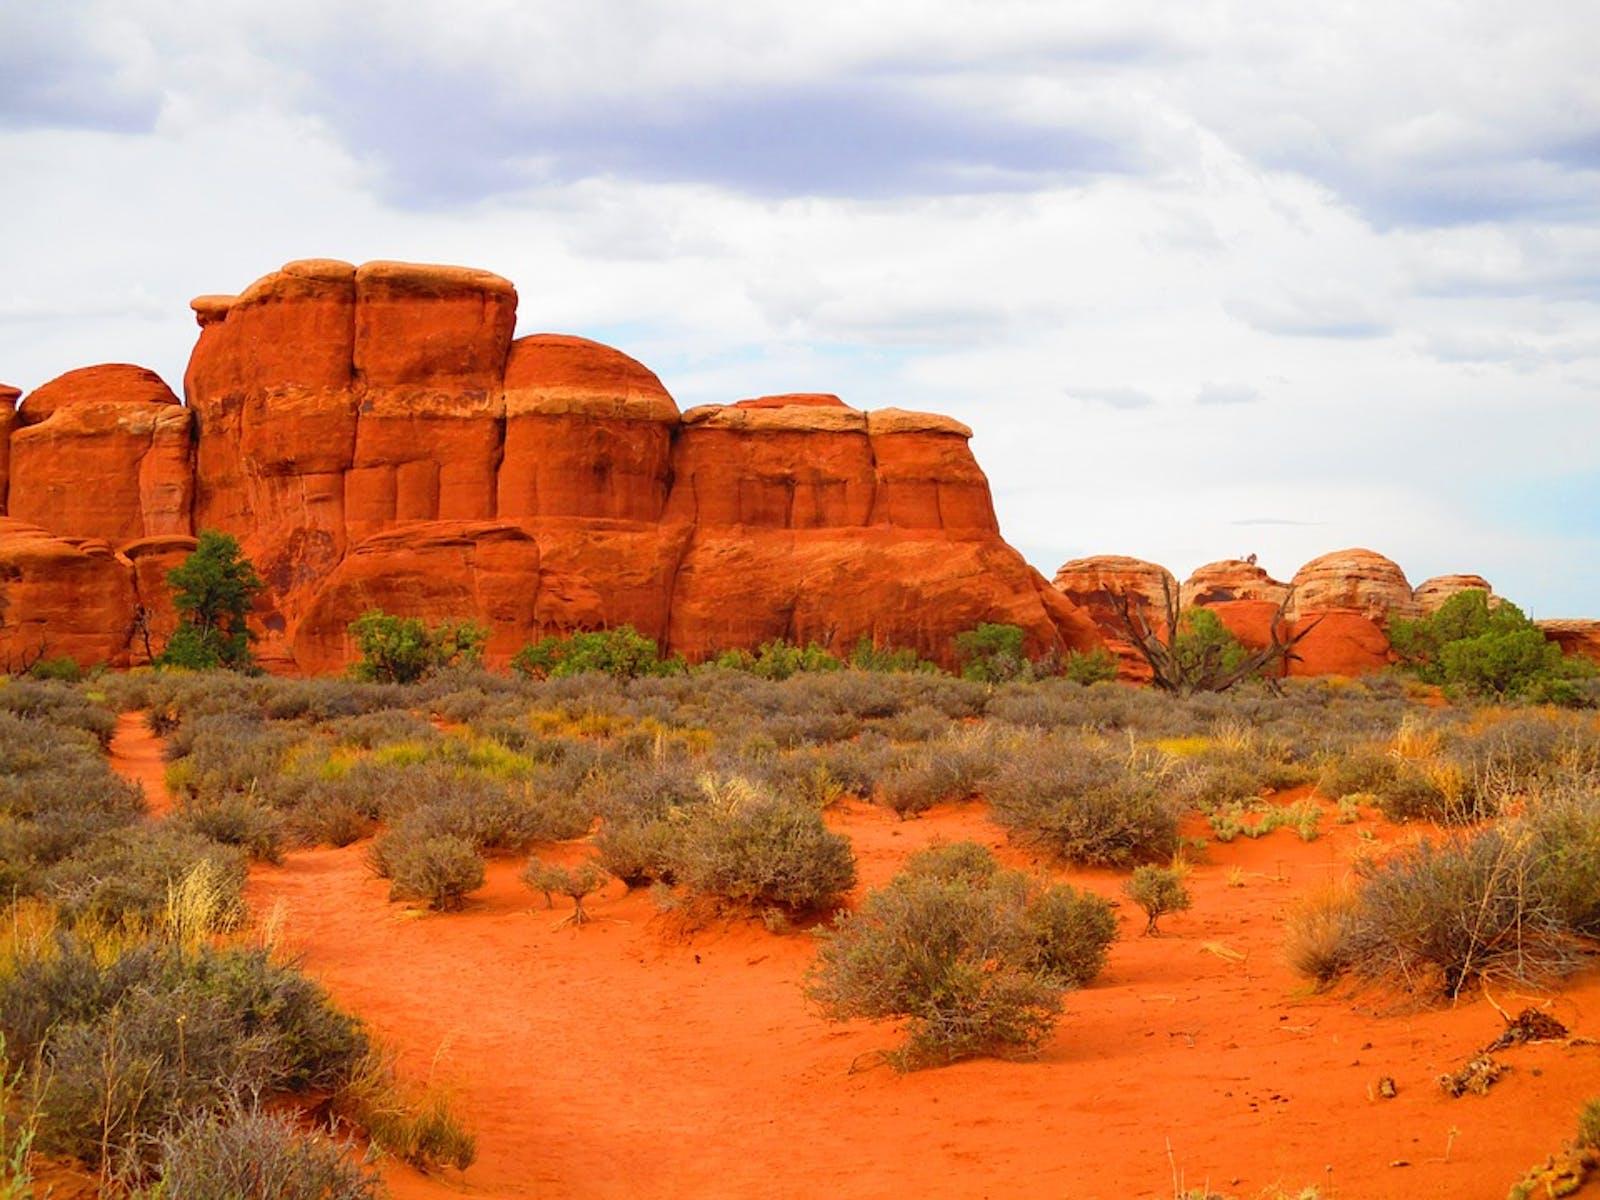 Colorado Plateau Shrublands